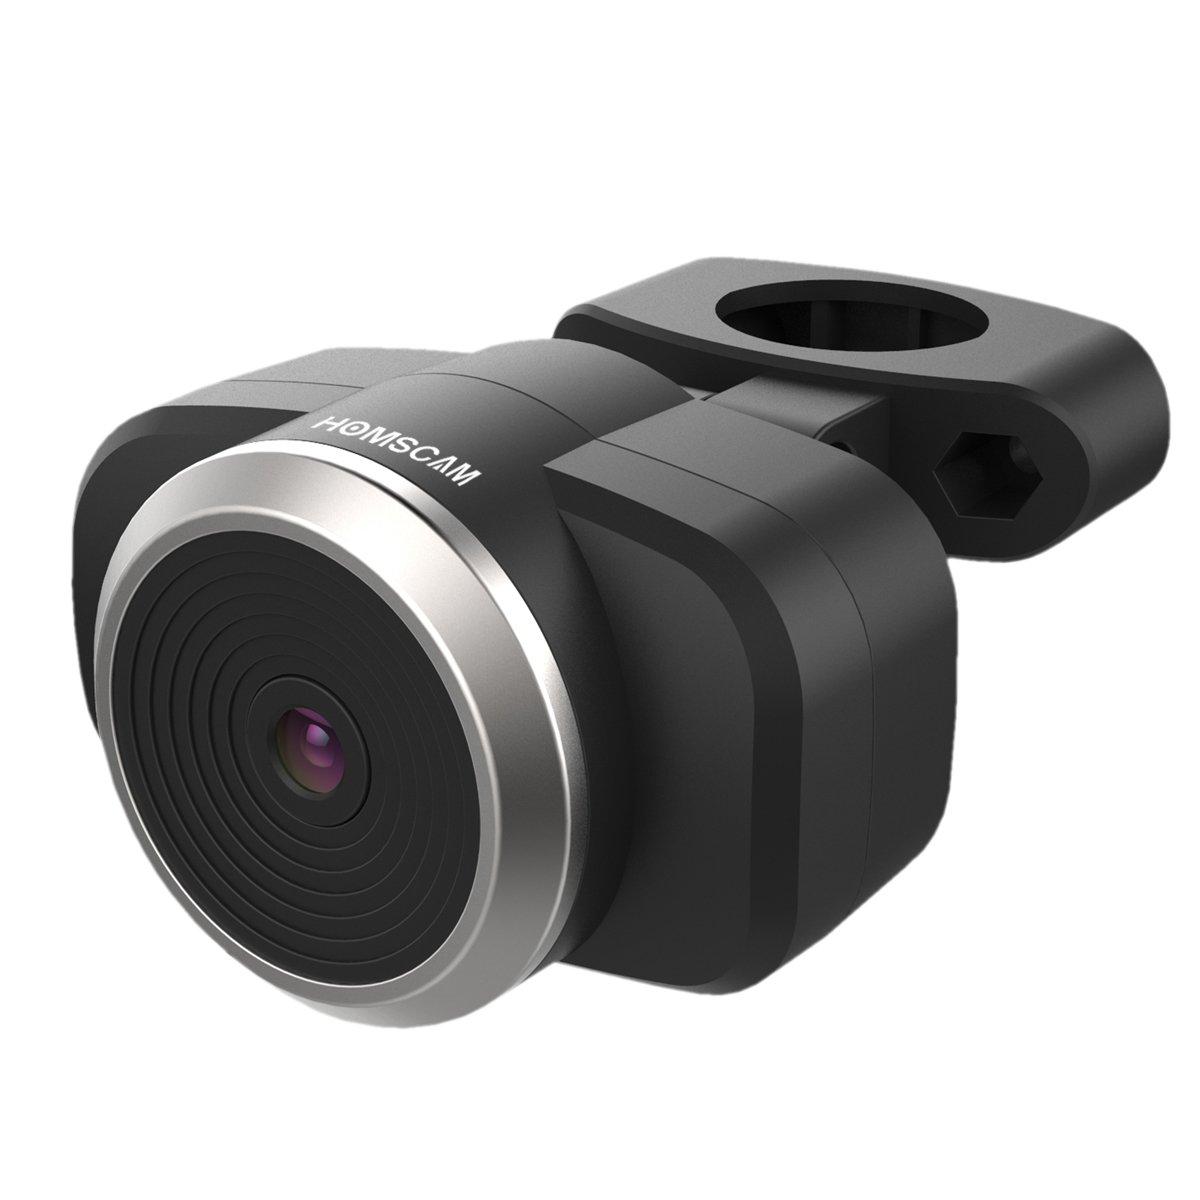 Homscam Caméra de recul Wifi Caméra de vélo Bicyclette électronique sans fil Surveillance de vélo Caméra de sécurité pour système IOS et Android, visionnement large pour tous les types de vélos, rechargeable et imperméable à l'eau